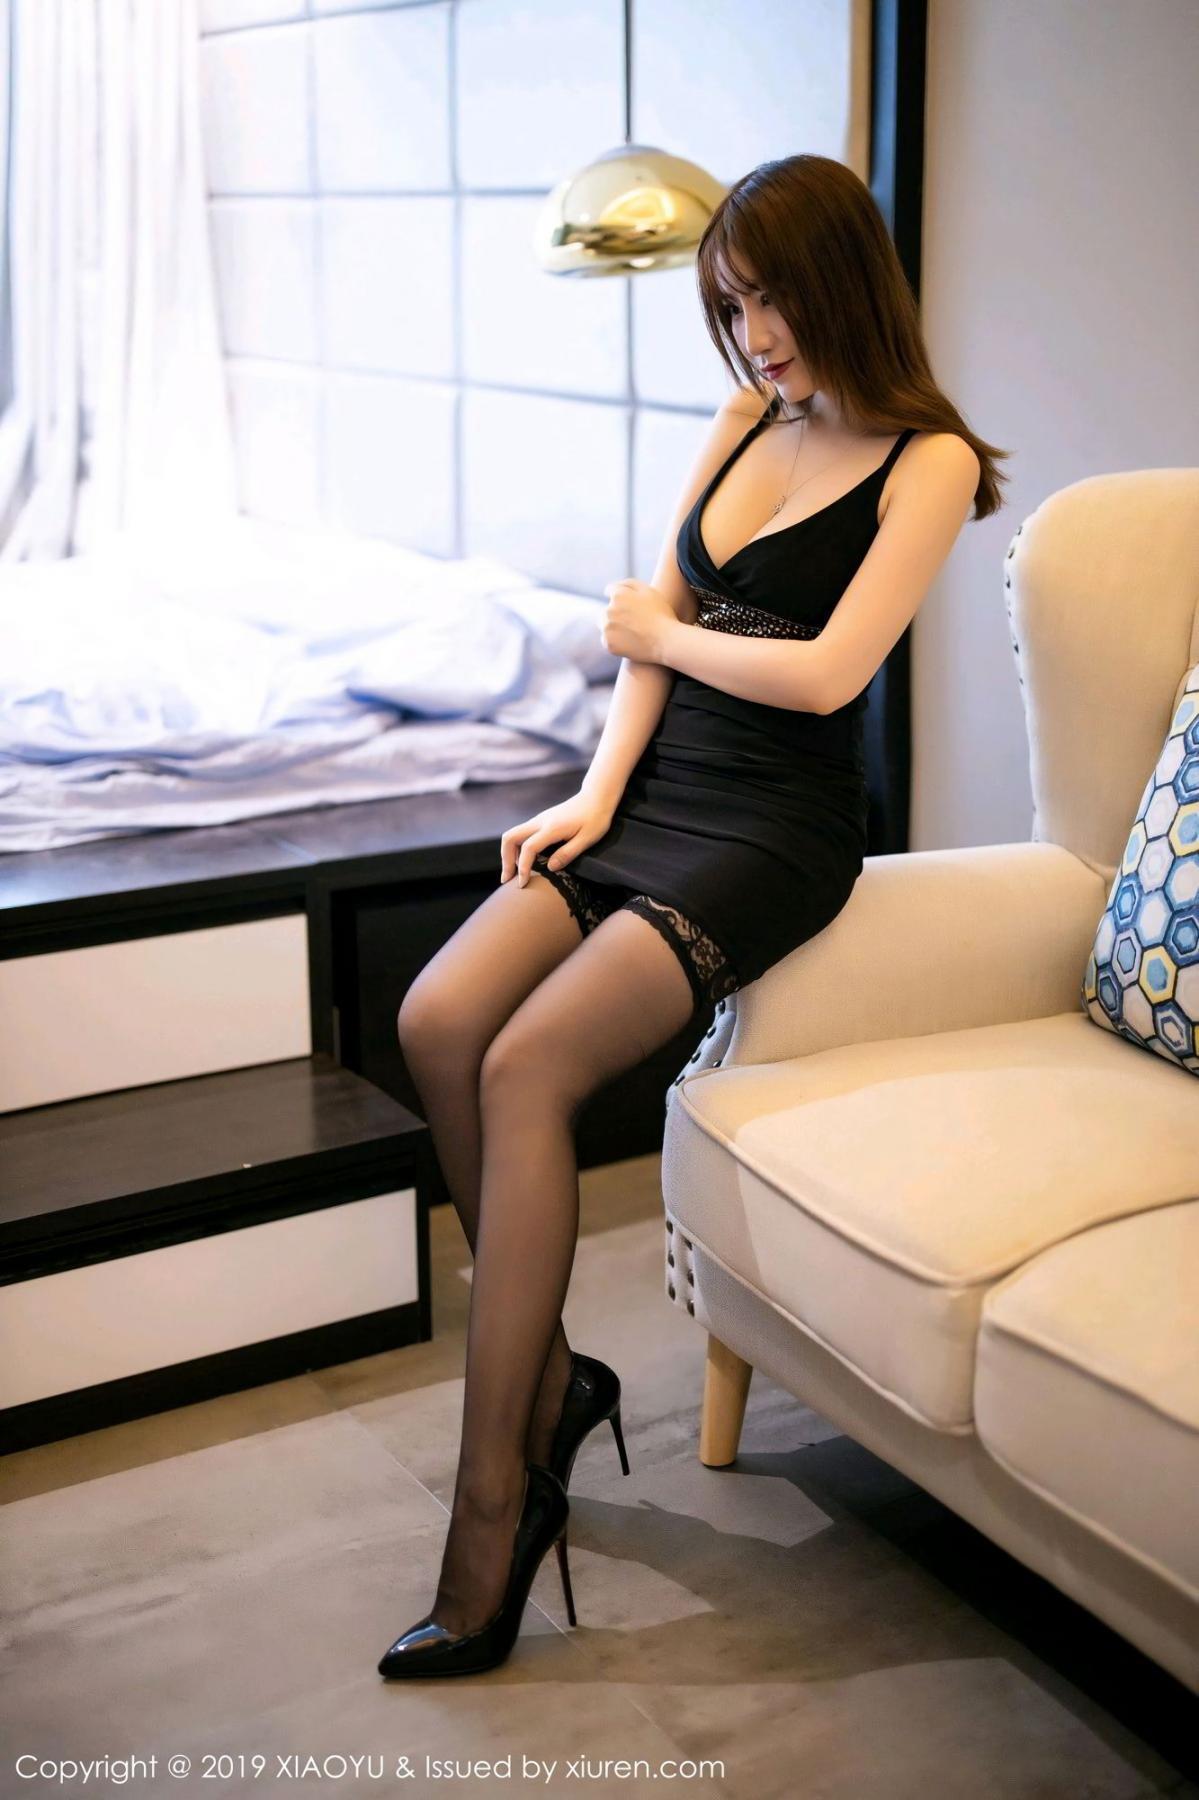 [XiaoYu] Vol.133 Xie Zhi Xin 1P, Black Silk, Tall, XiaoYu, Xie Zhi Xin